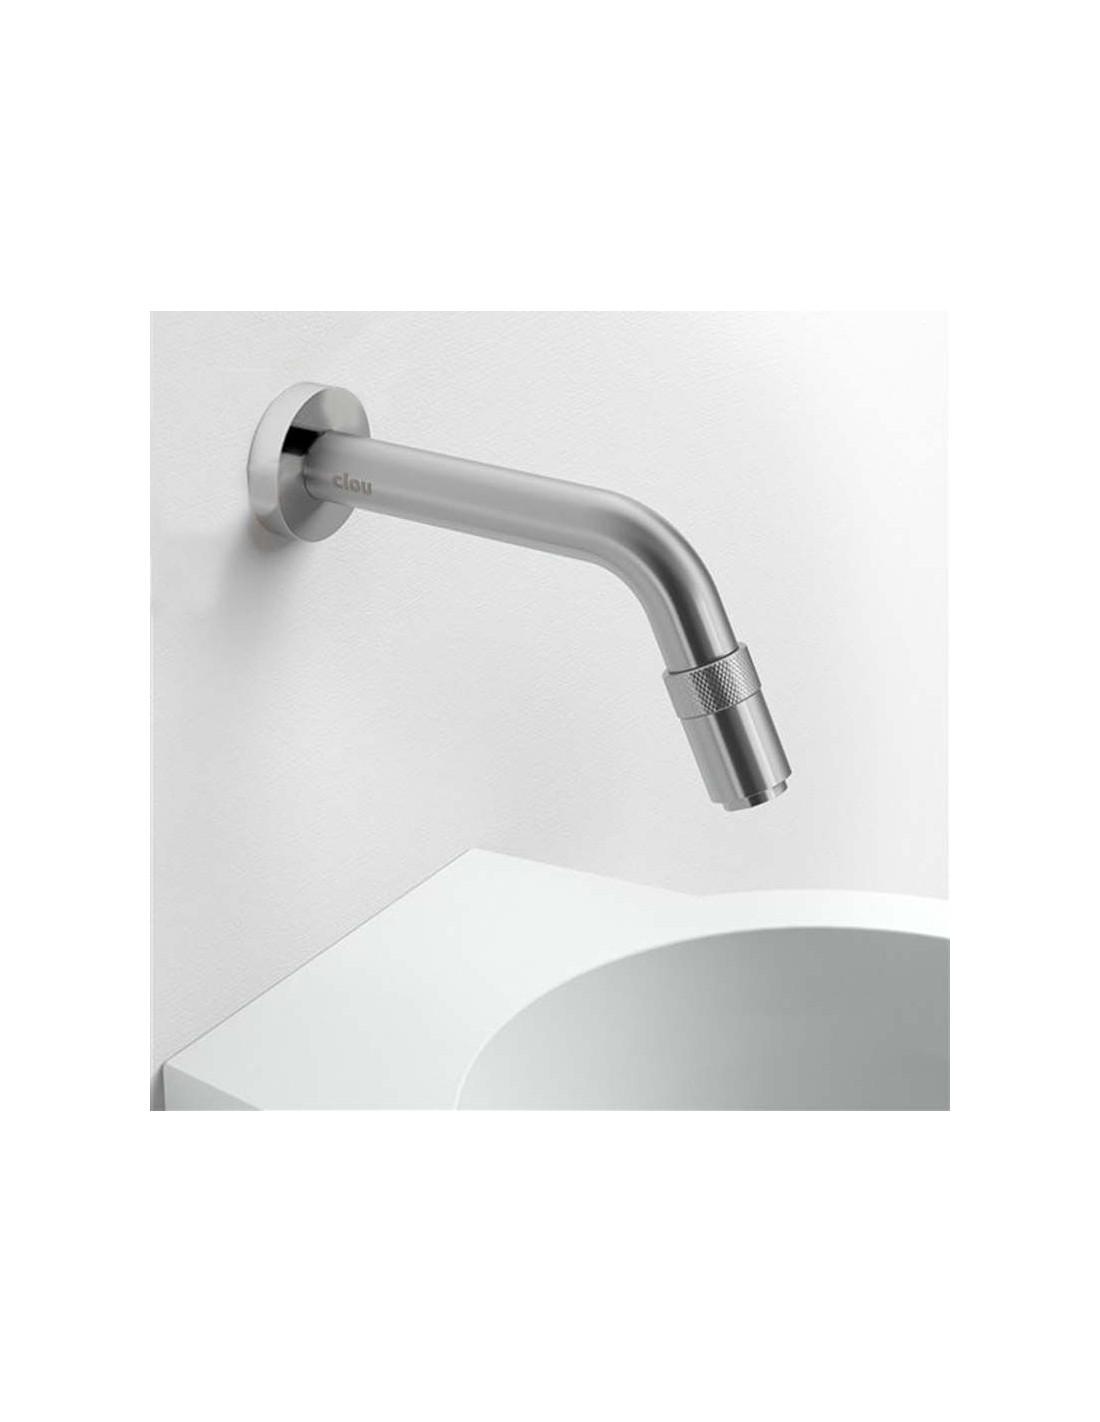 robinet d 39 eau froide salle de bain. Black Bedroom Furniture Sets. Home Design Ideas